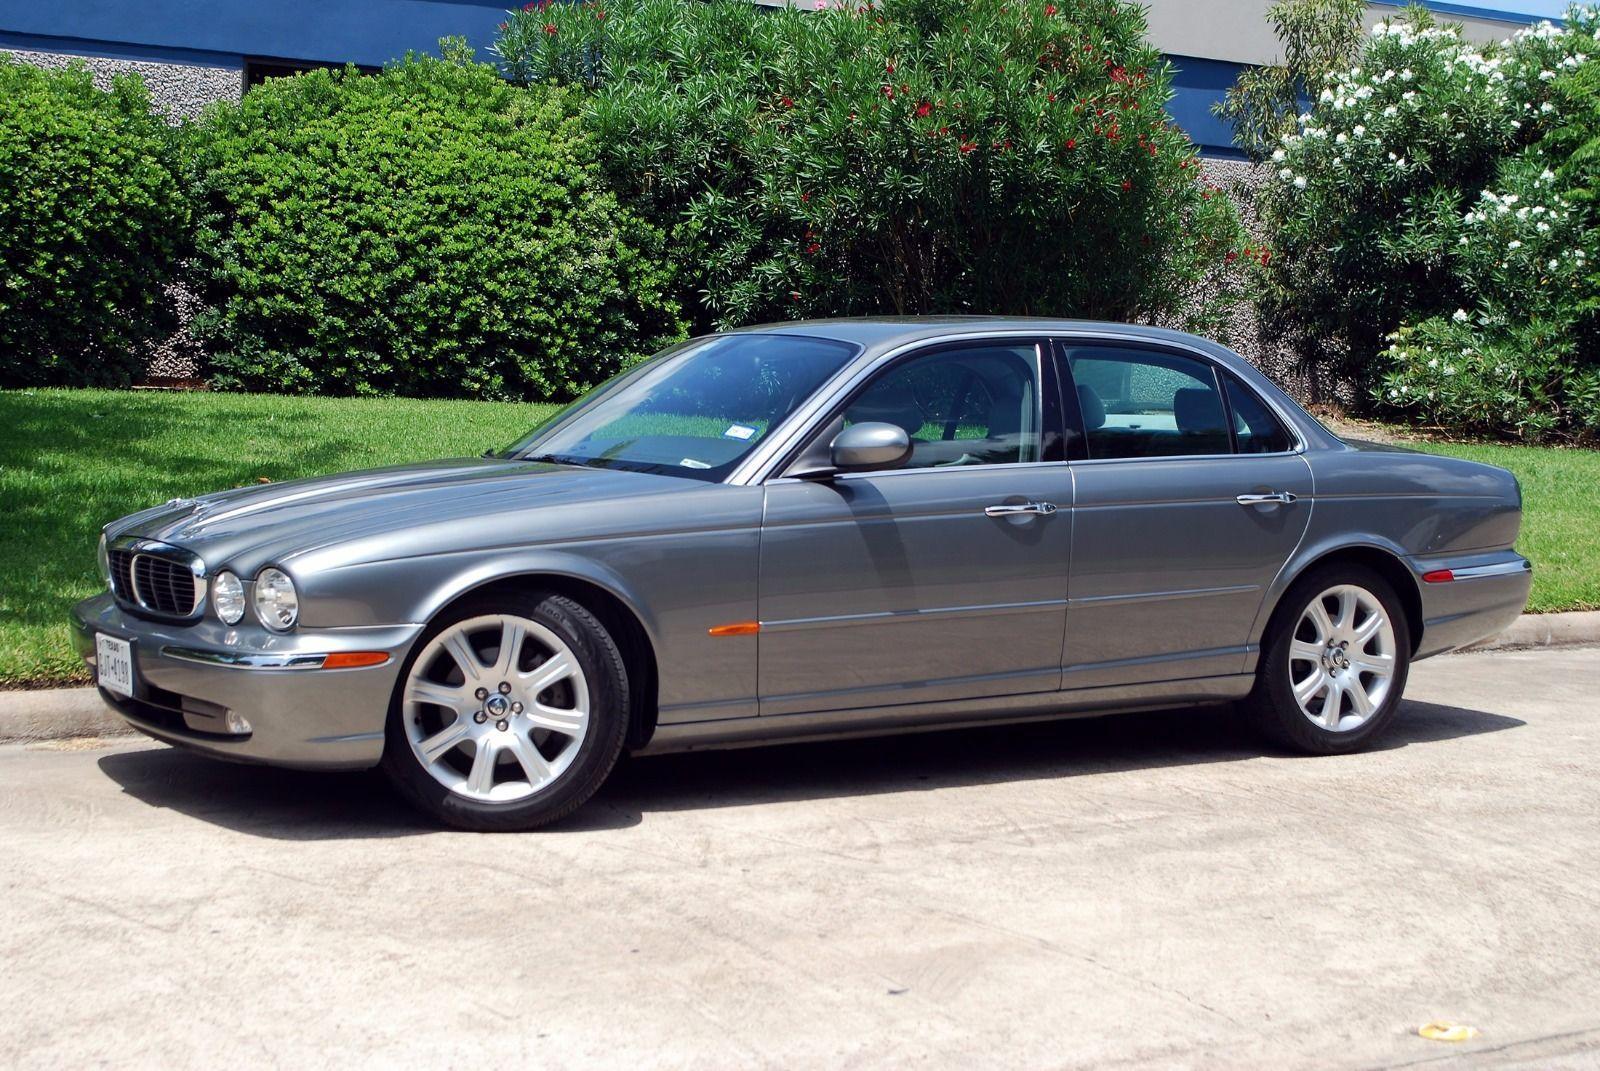 Car Brand Auctioned Jaguar Xj8 Leather 2004 Car Model Jaguar Xj 8 Sedan Auction Cars Car Model Jaguar Xj Car Brands